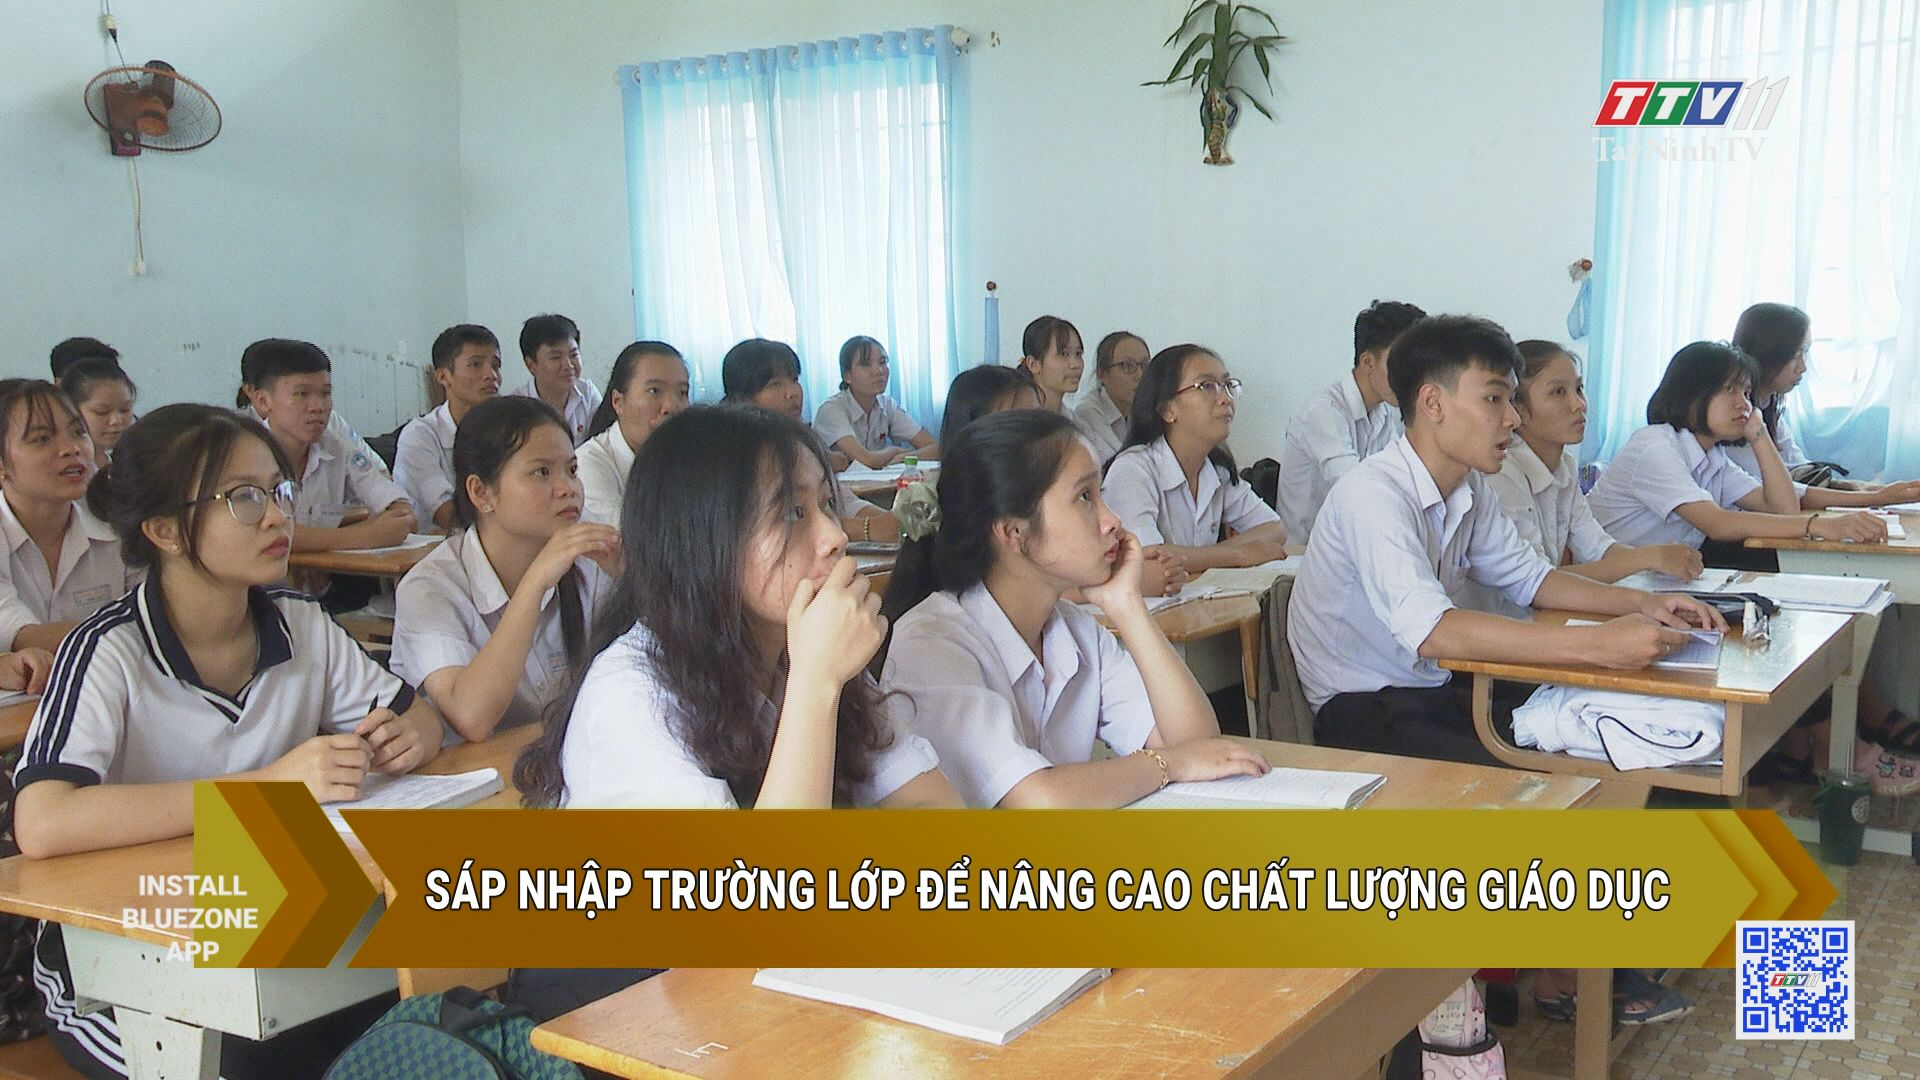 Sáp nhập trường lớp để nâng cao chất lượng giáo dục | GIÁO DỤC ĐÀO TẠO | TayNinhTV